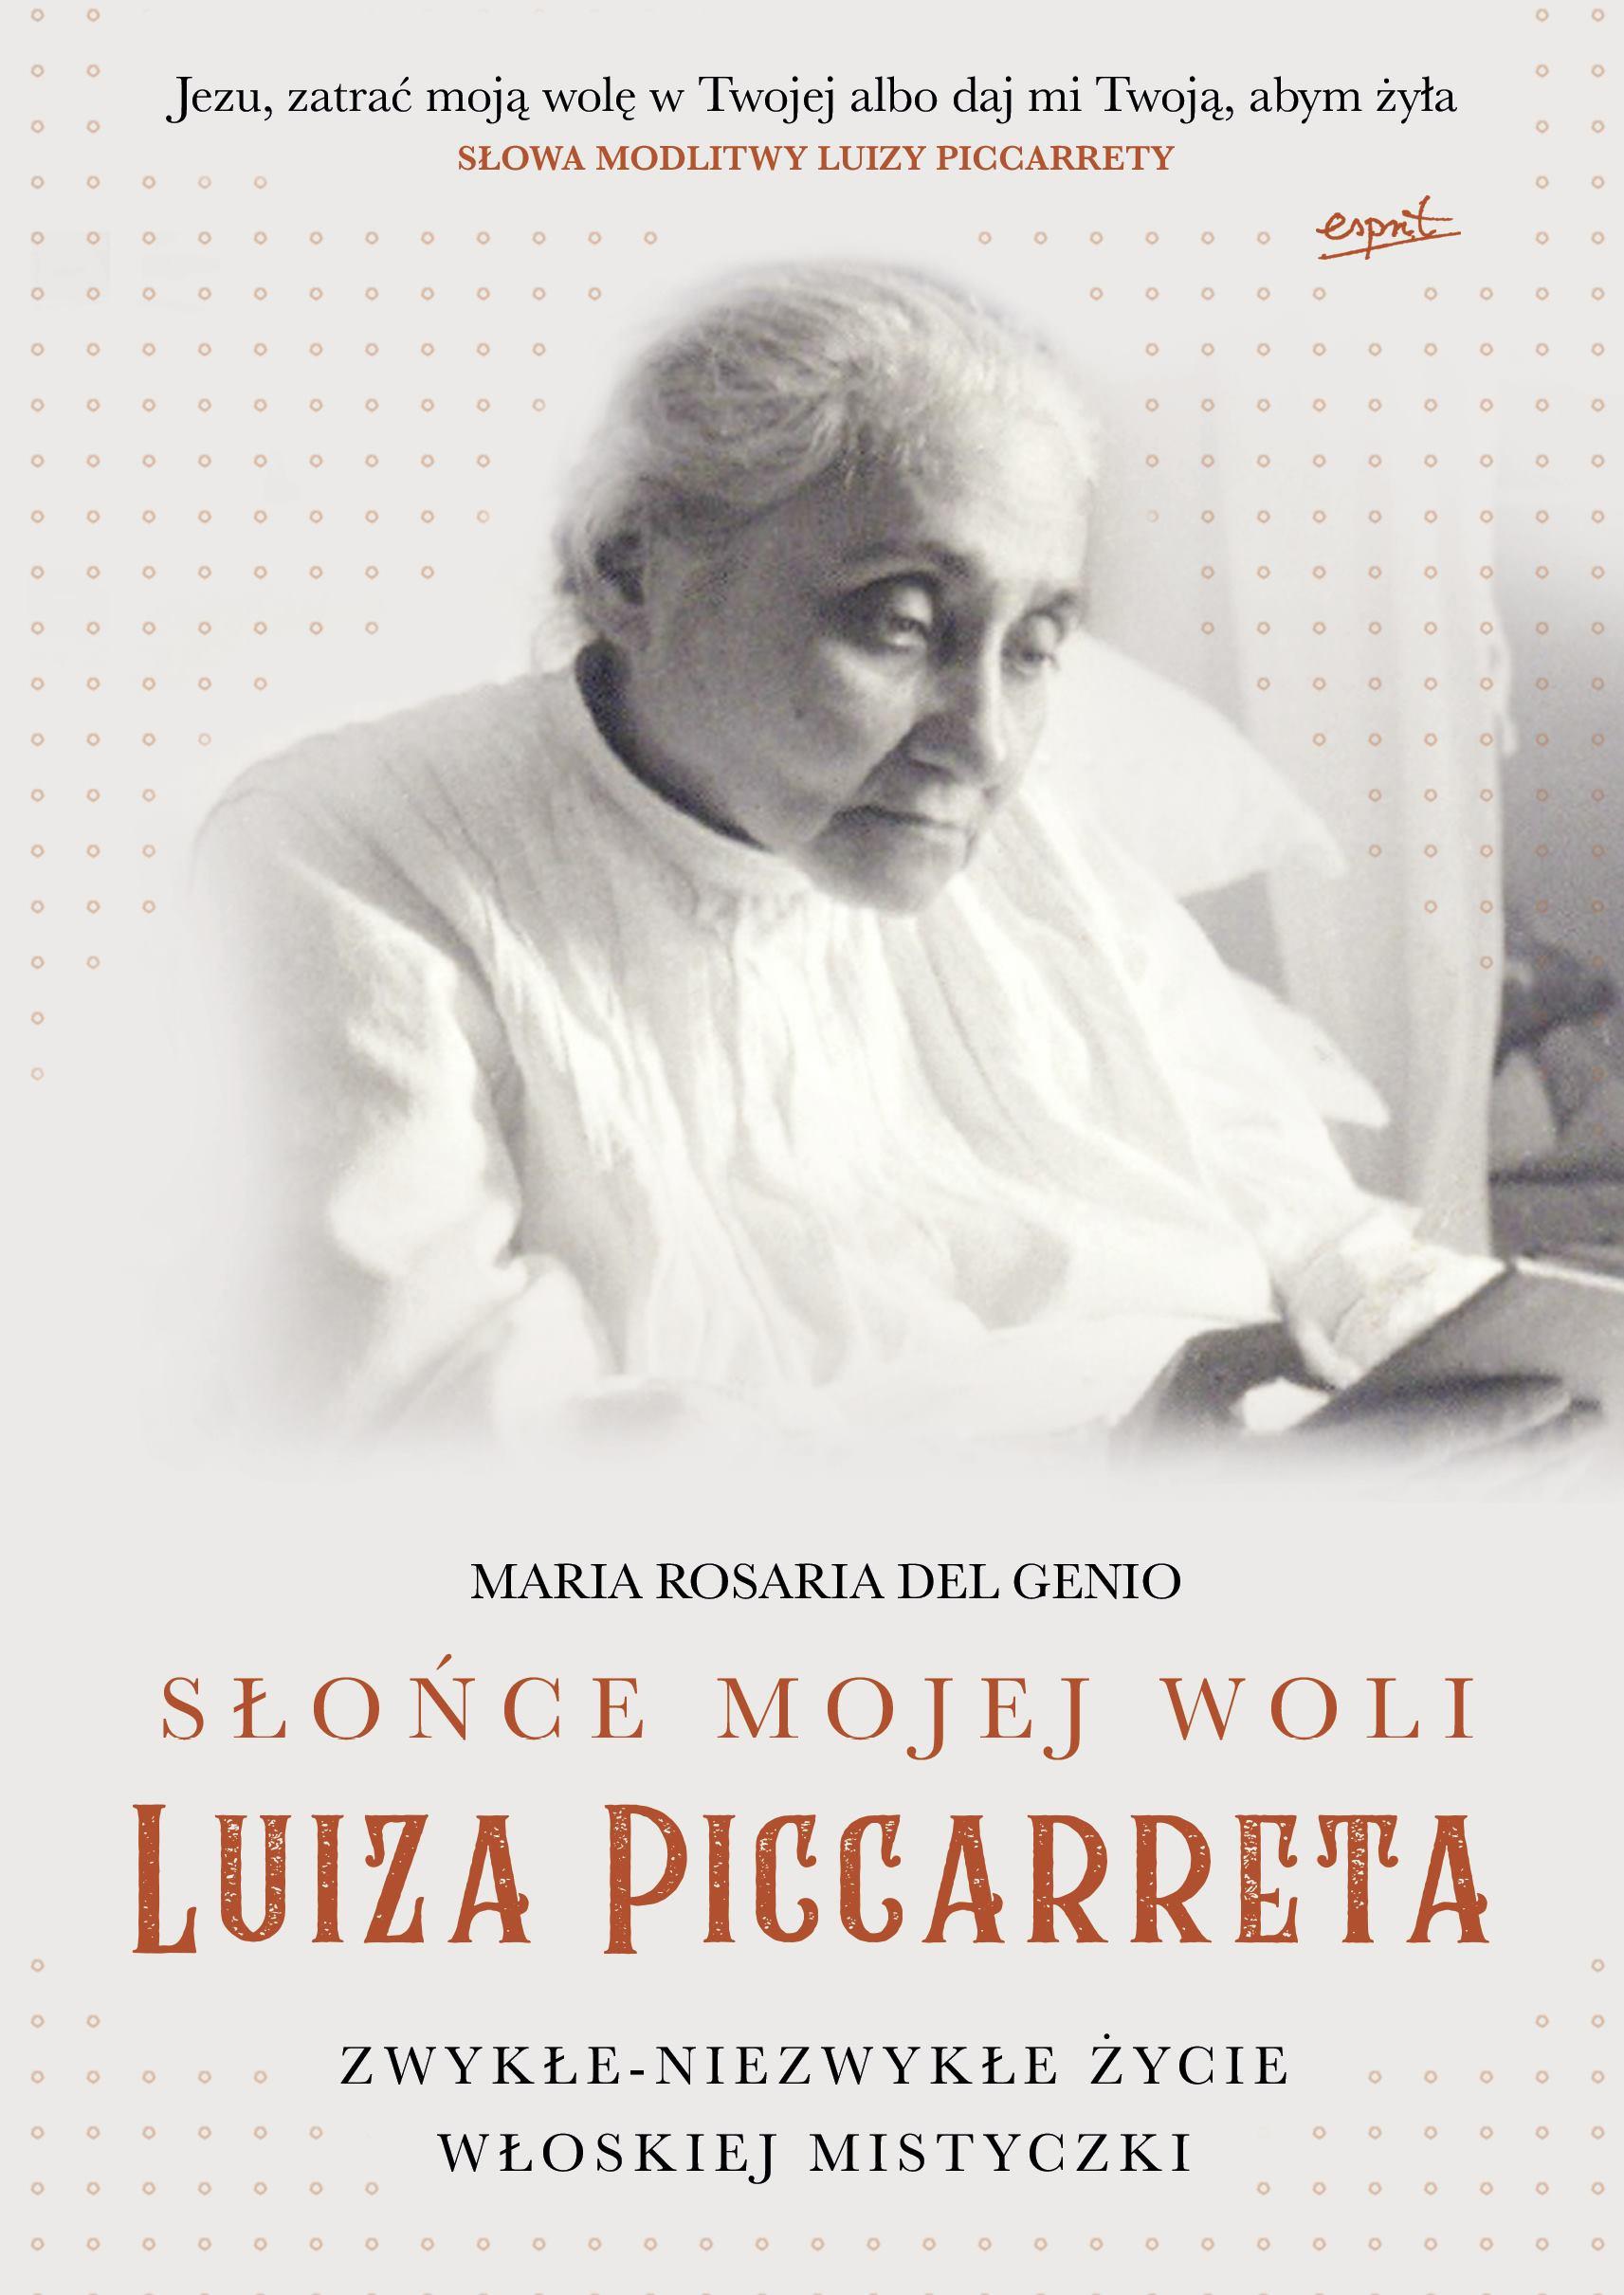 LUIZA PICCARRETA